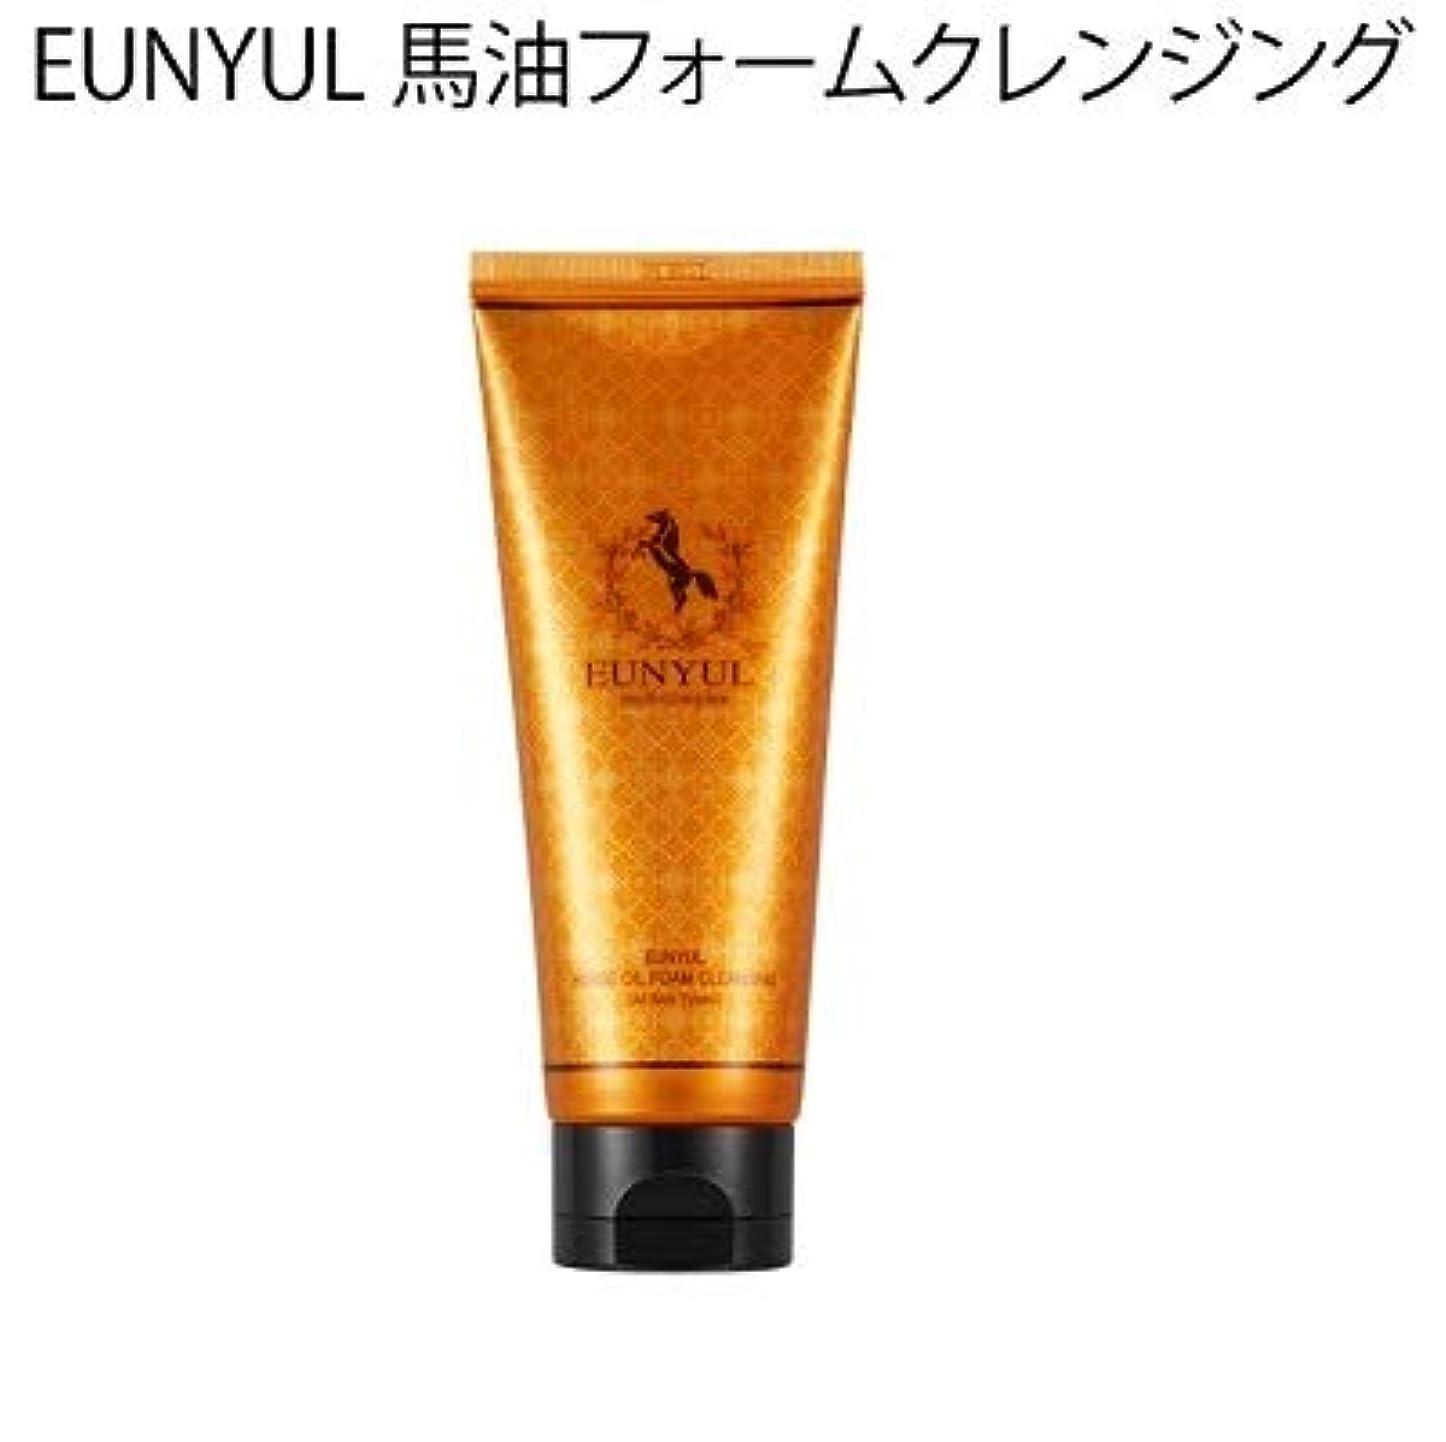 構想する振り向く月曜日韓国 EUNYUL 馬油フォームクレンジング 洗顔フォーム(150ml)